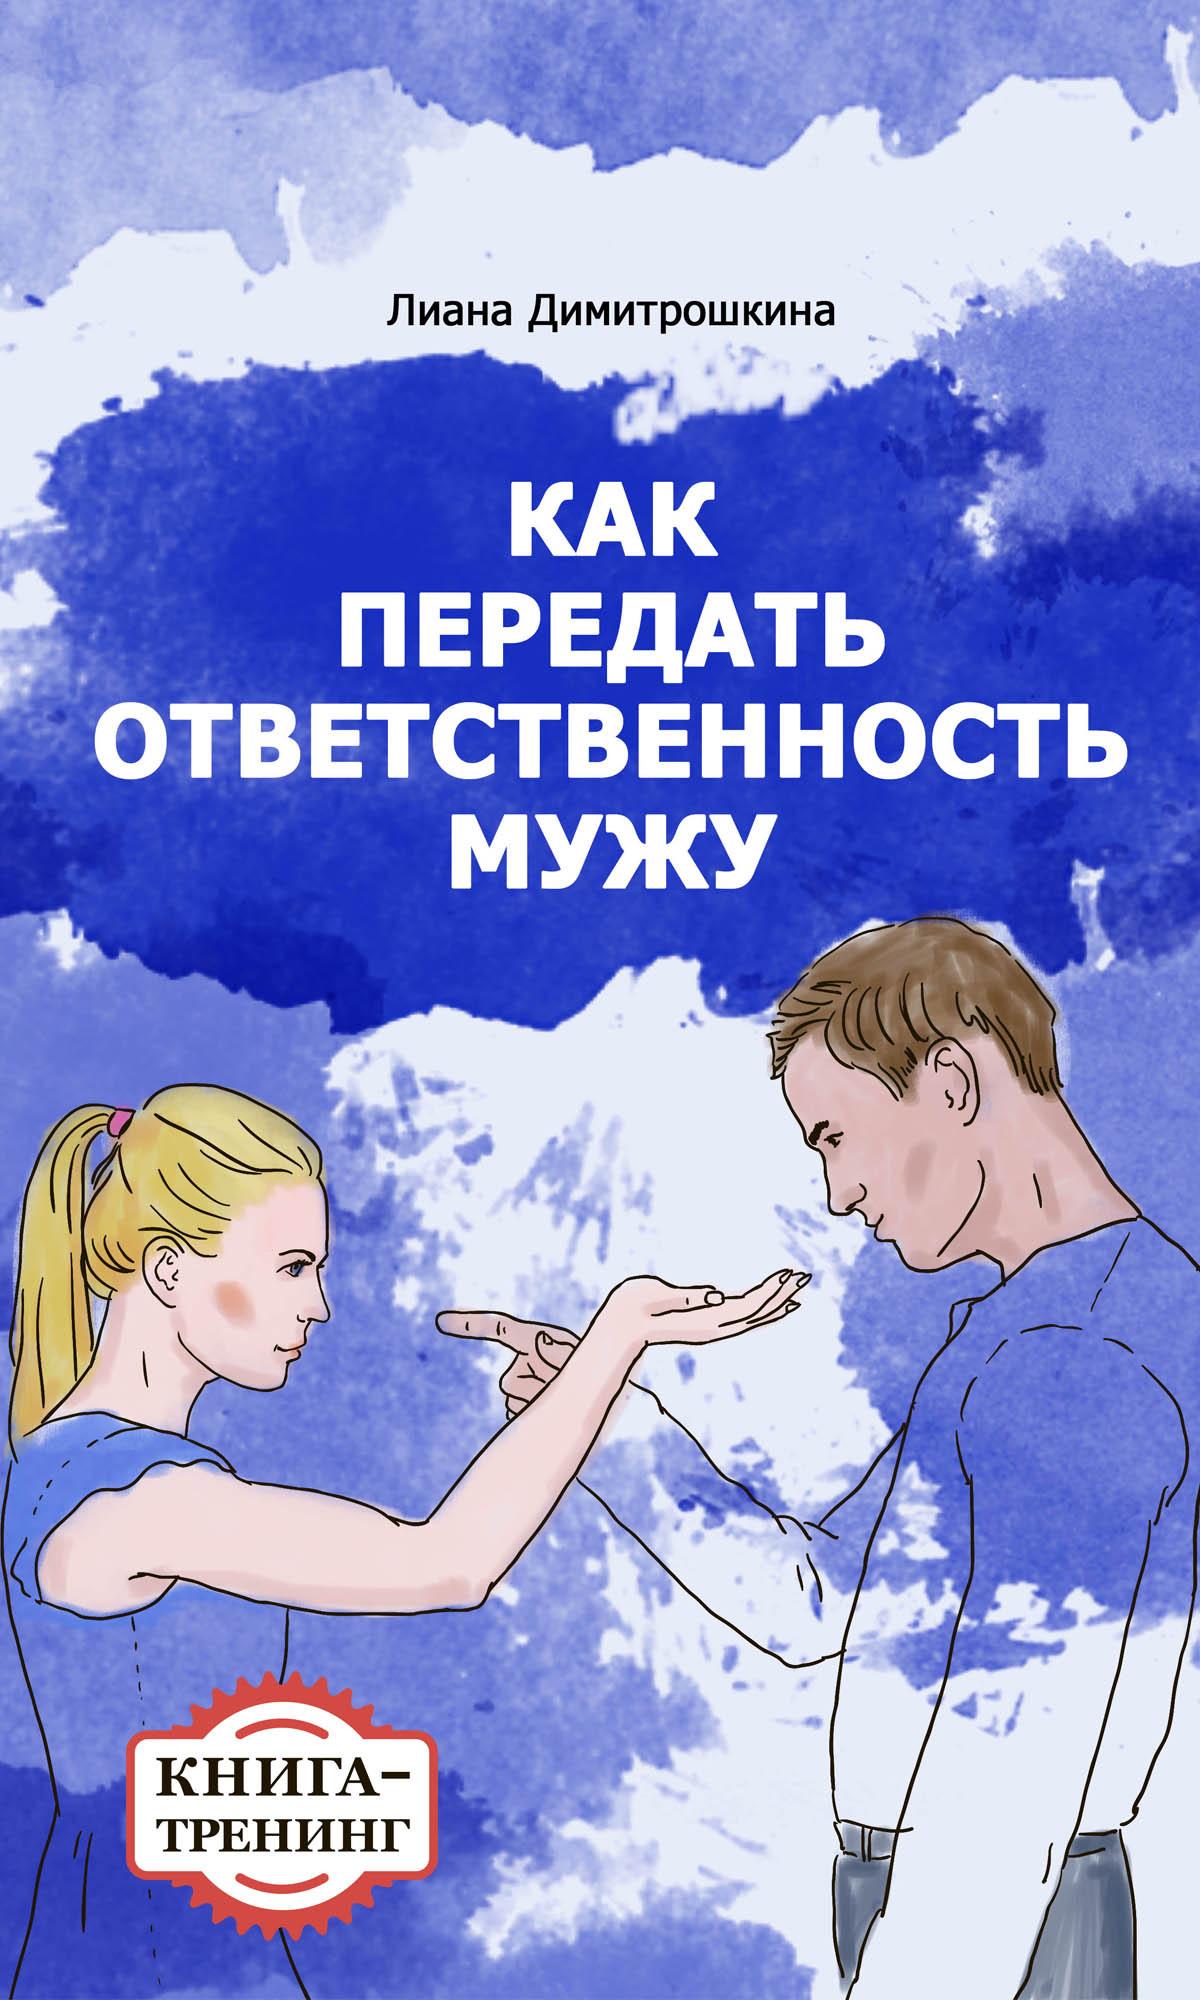 Лиана Димитрошкина Как передать ответственность мужу. Книга-тренинг иван гайдаенко оливы горят